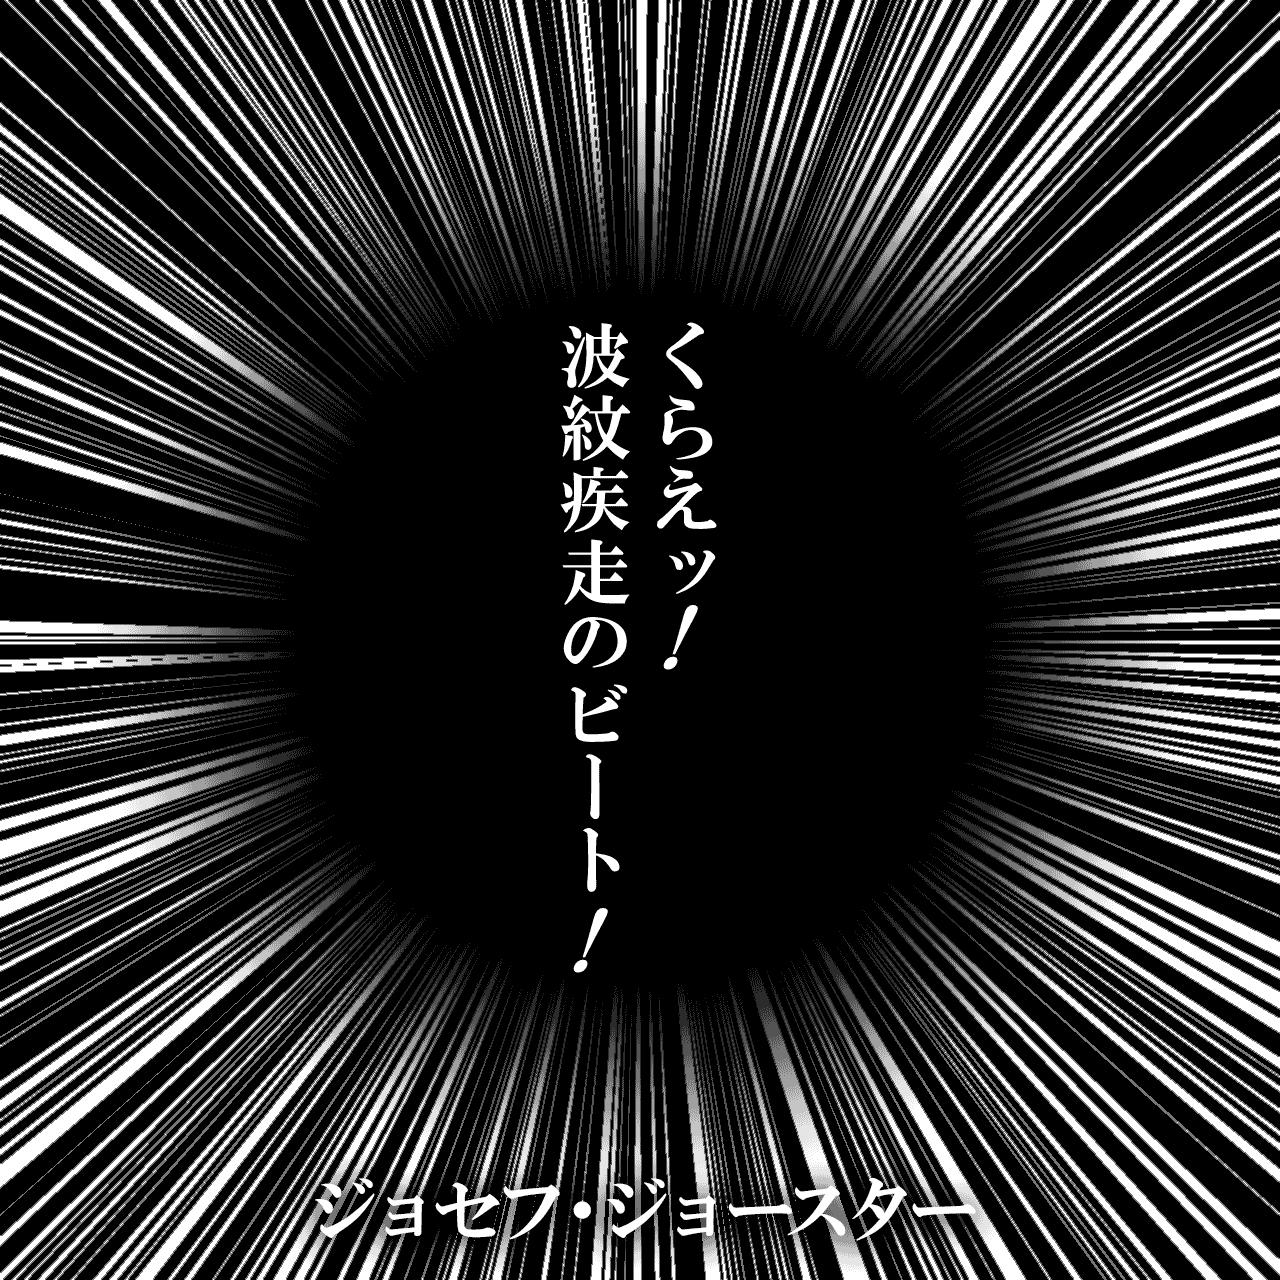 くらえッ!波紋疾走のビート!(引用元:ジョジョの奇妙な冒険 Part2 戦闘潮流 『炎・流法 エシディシ その(3)』より)